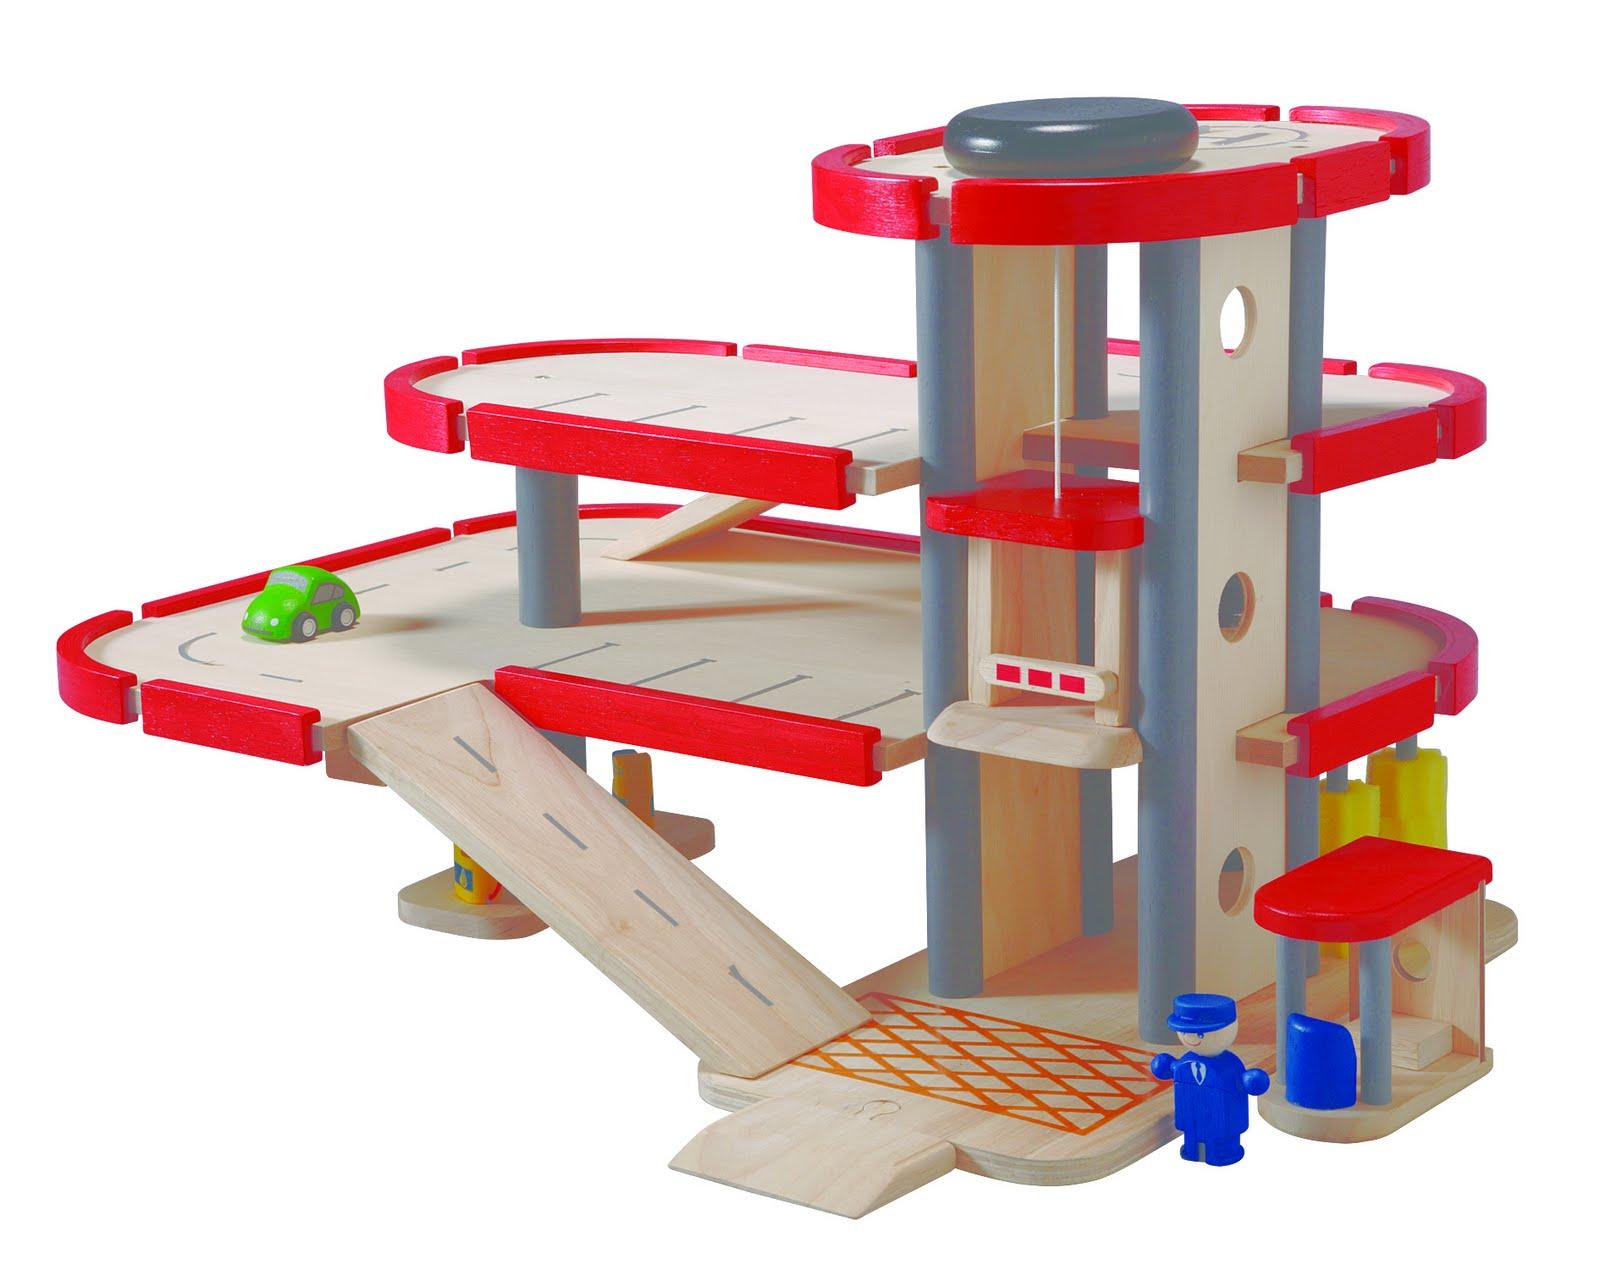 Plan Toys Garage Reviews, Jul... - Amazing Wood Plans